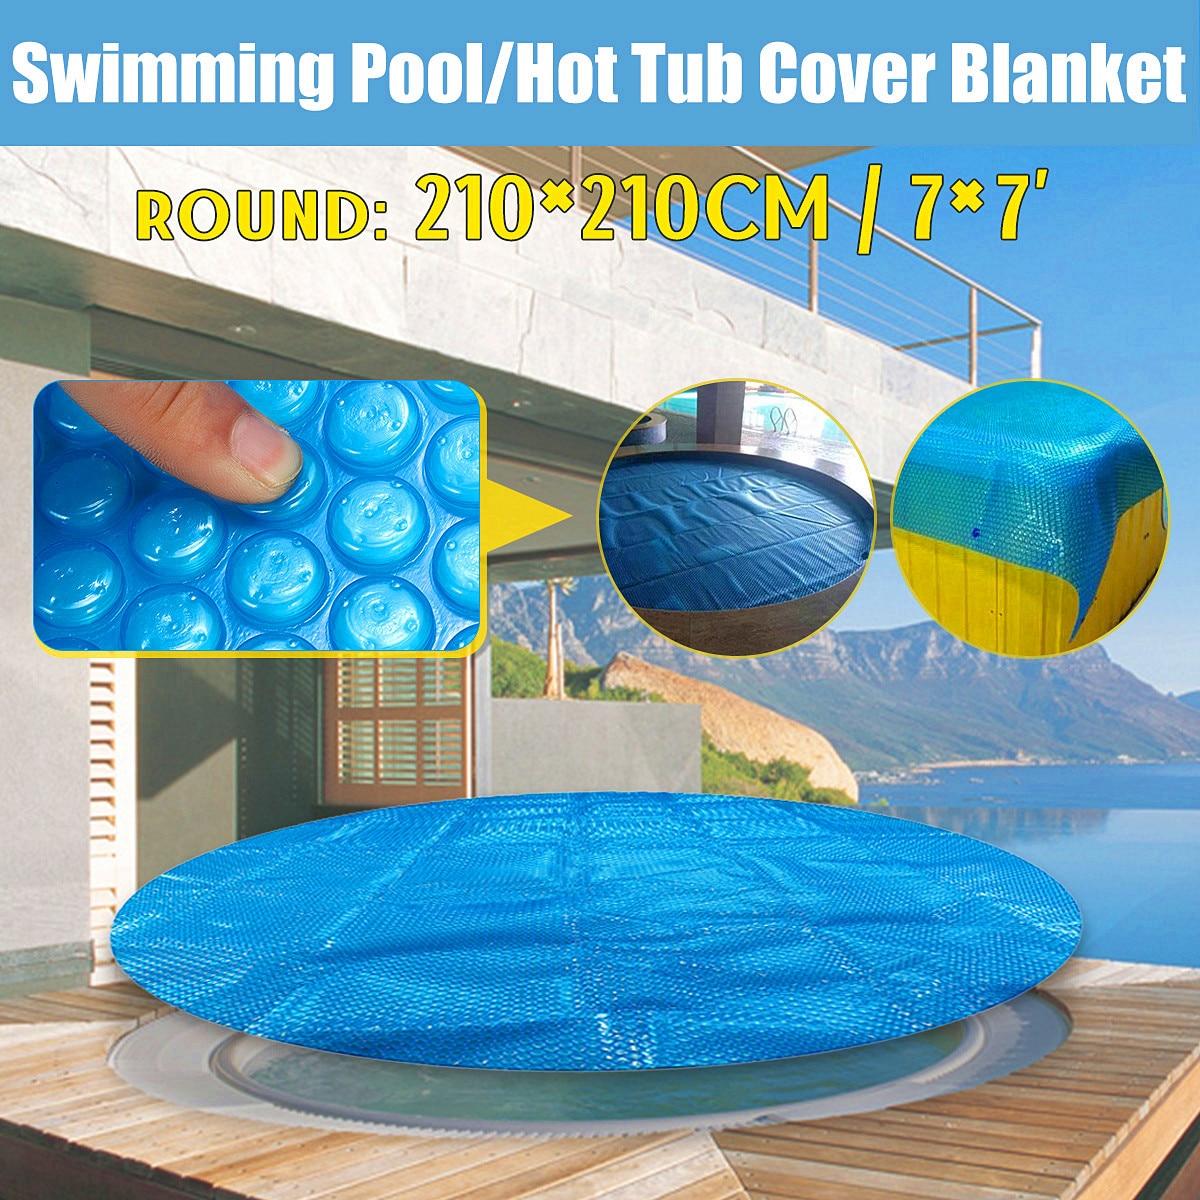 7' ronde Spa Piscine Familiale Piscine jacuzzi couverture de piscine 400 m Solaire Bulle couverture thermique